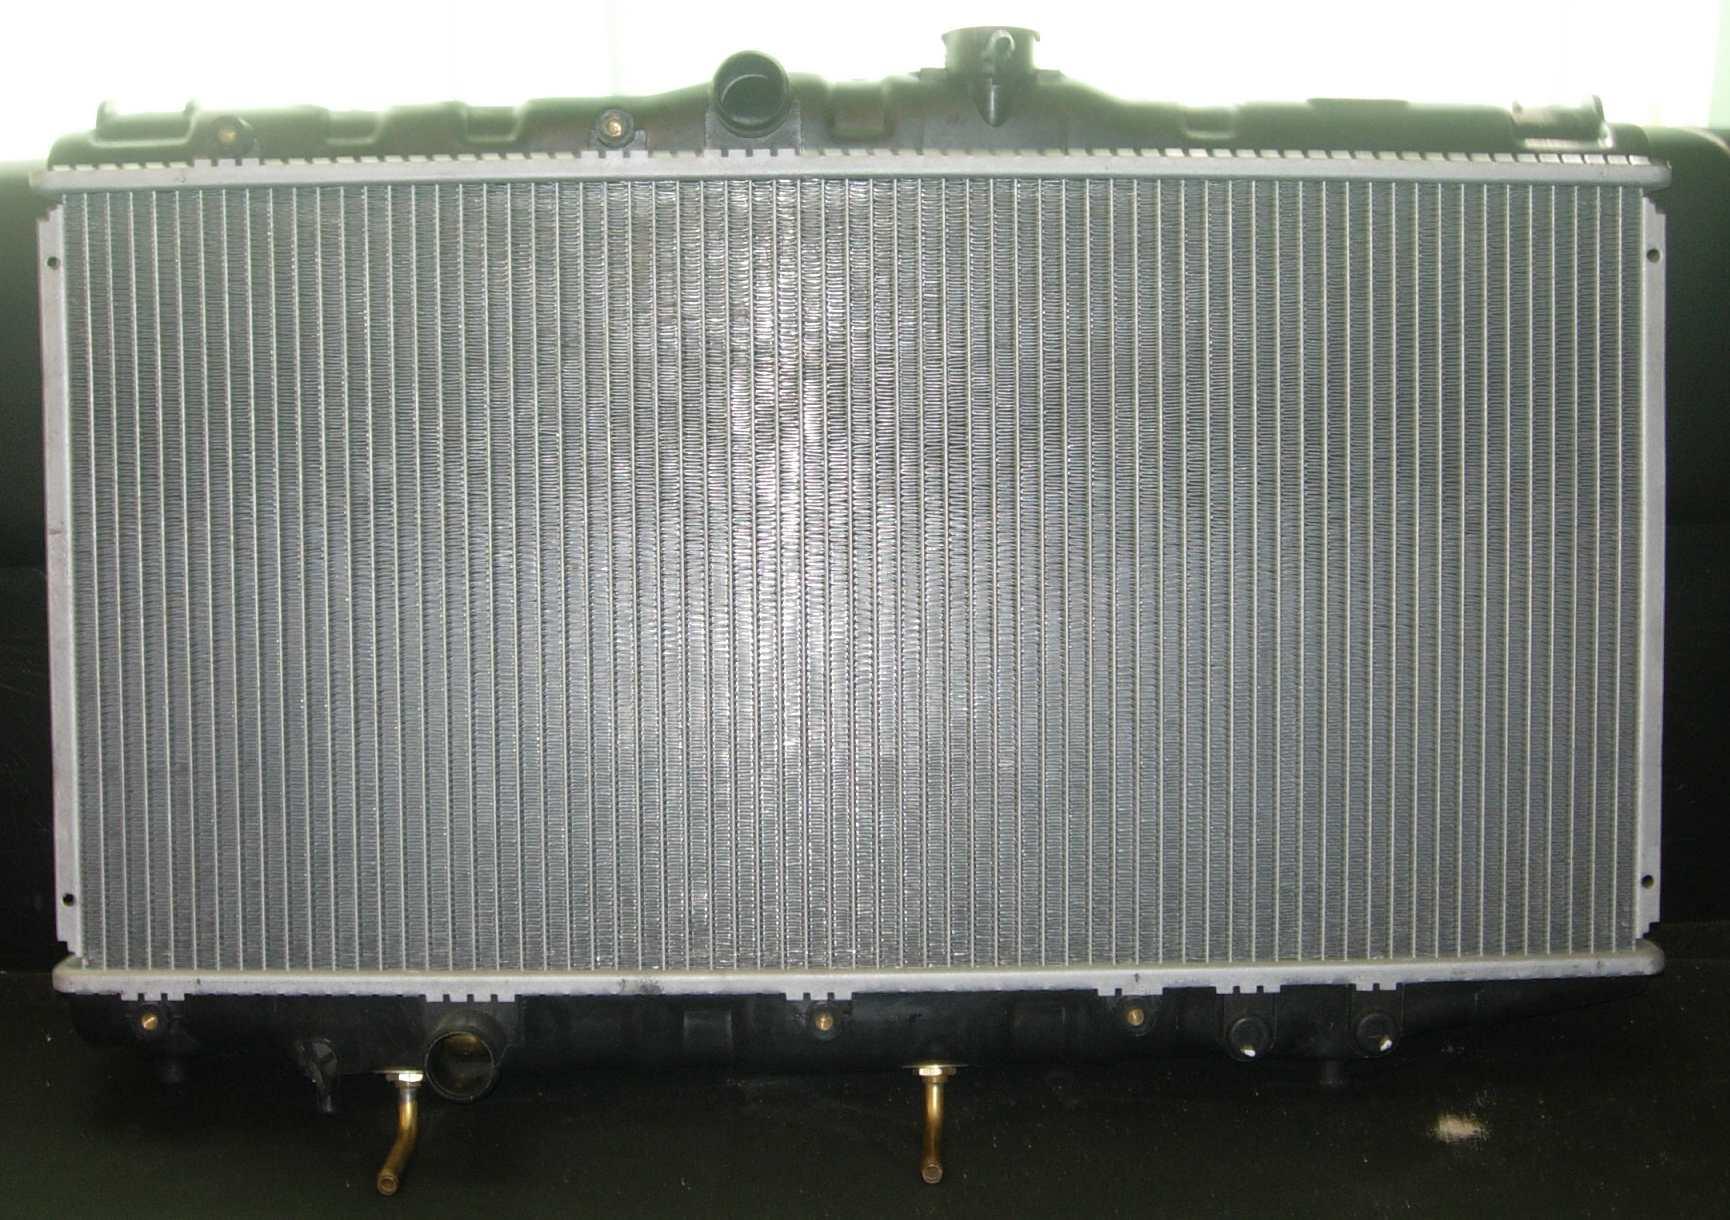 купить радиатор охлаждения королла ае 100 курган законодательстве существуют некоторые